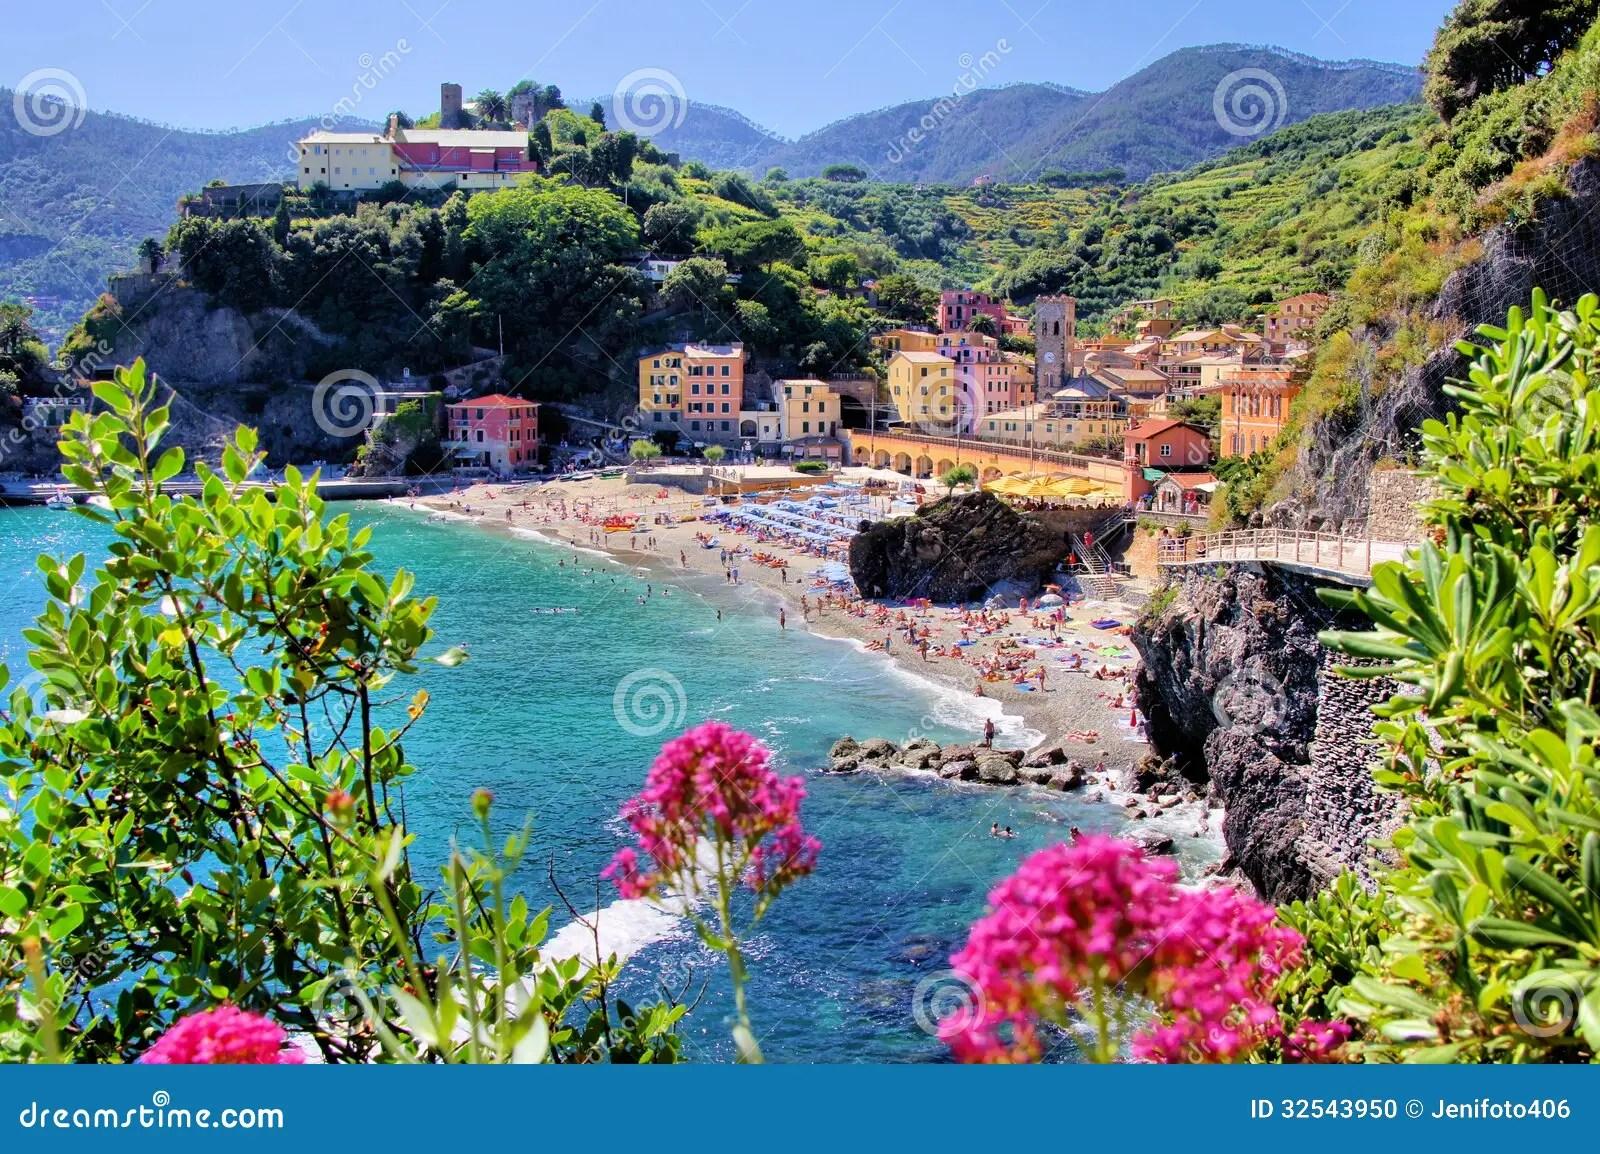 Italienische Küste Stockfoto Bild Von Purpurrot, Sommer